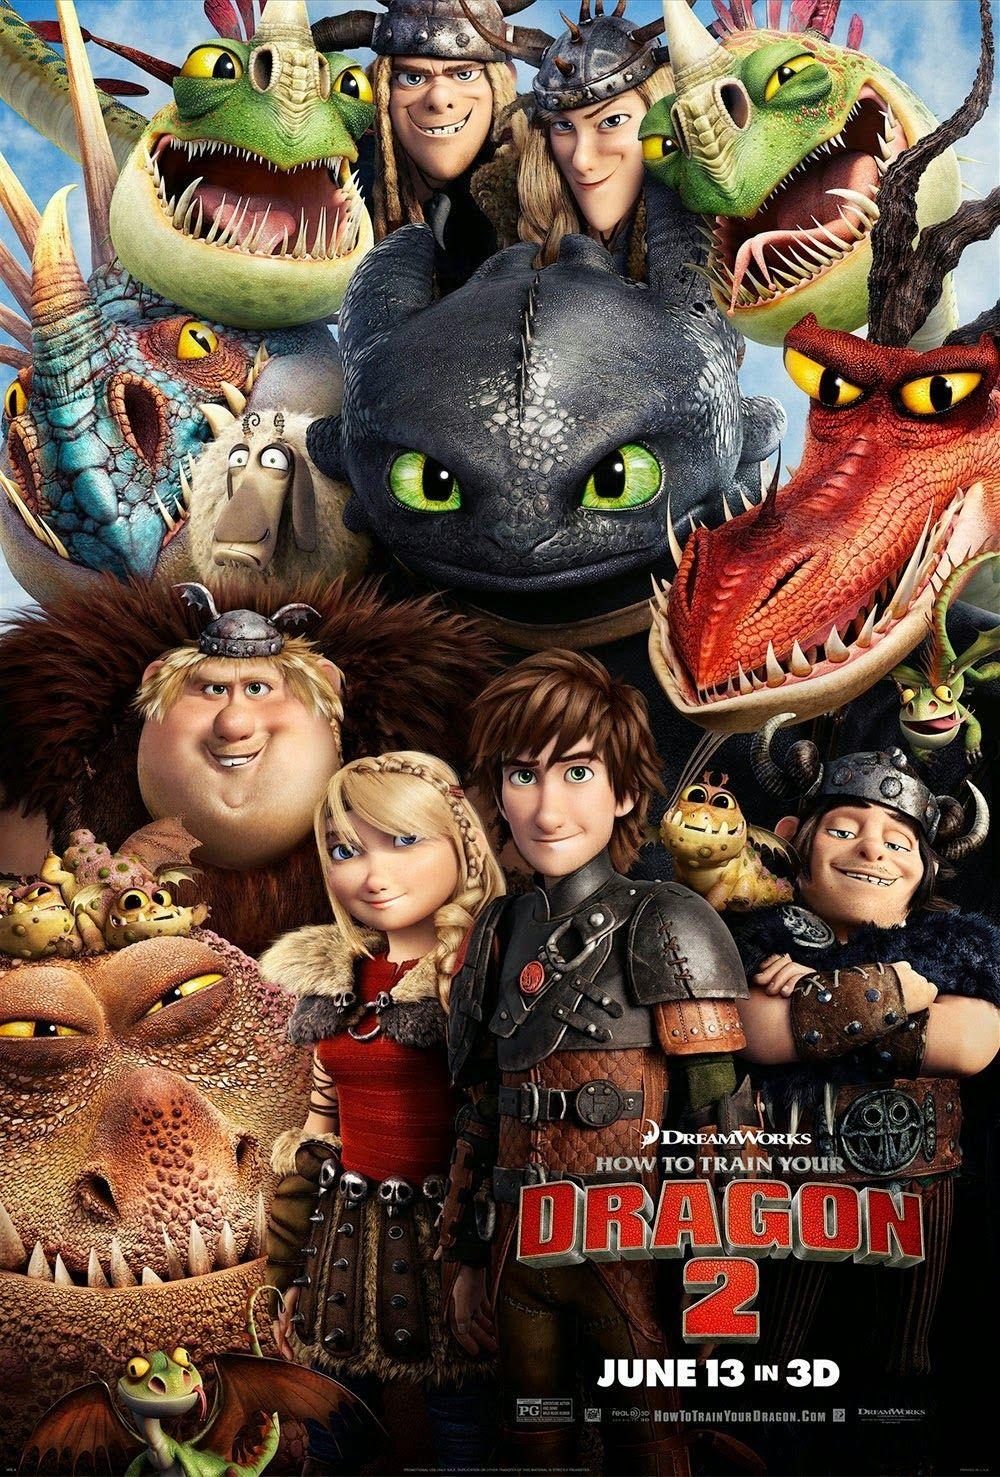 Adictos Al 3d Como Entrenar A Tu Dragón 2 Más Colorida Todavía Entrenando A Tu Dragon Cómo Entrenar A Tu Dragón Dragon 2